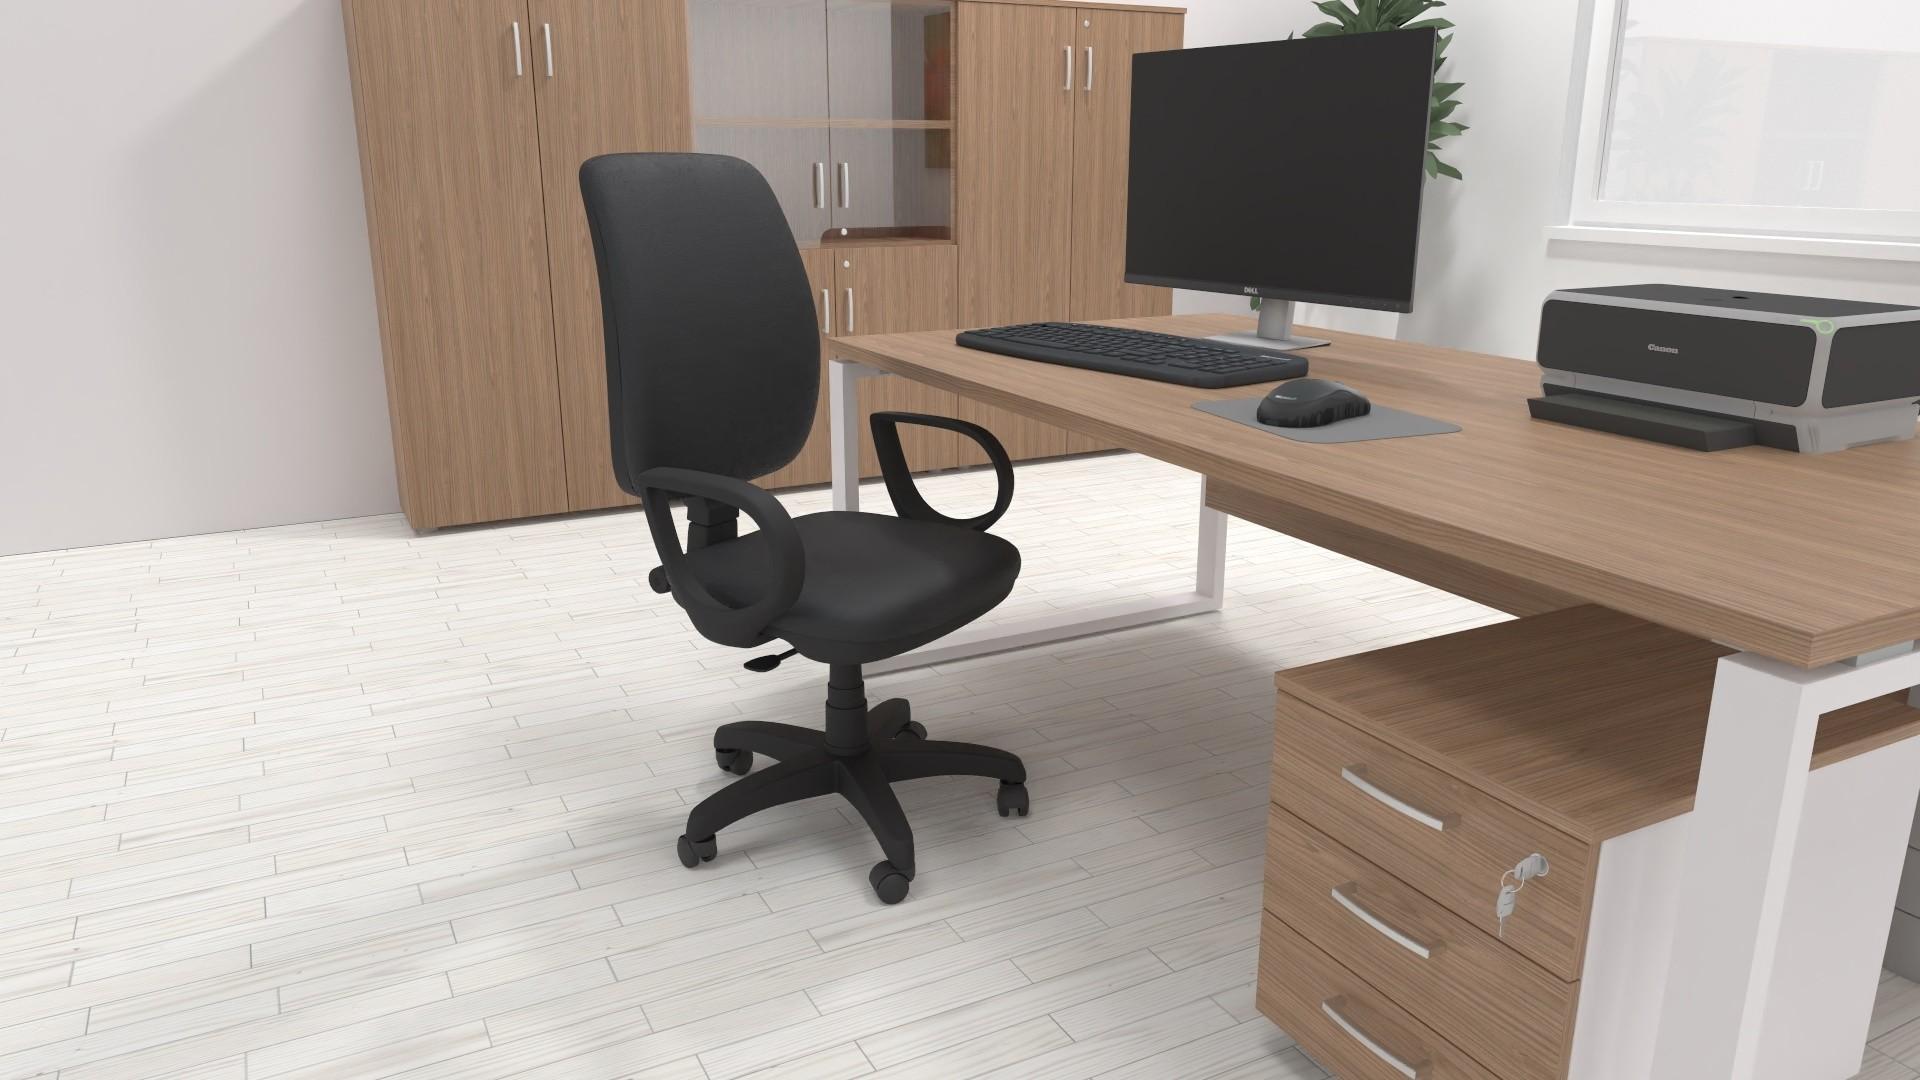 Sedia da Ufficio in Ecopelle ACTIVE Nera - OneLiving ...